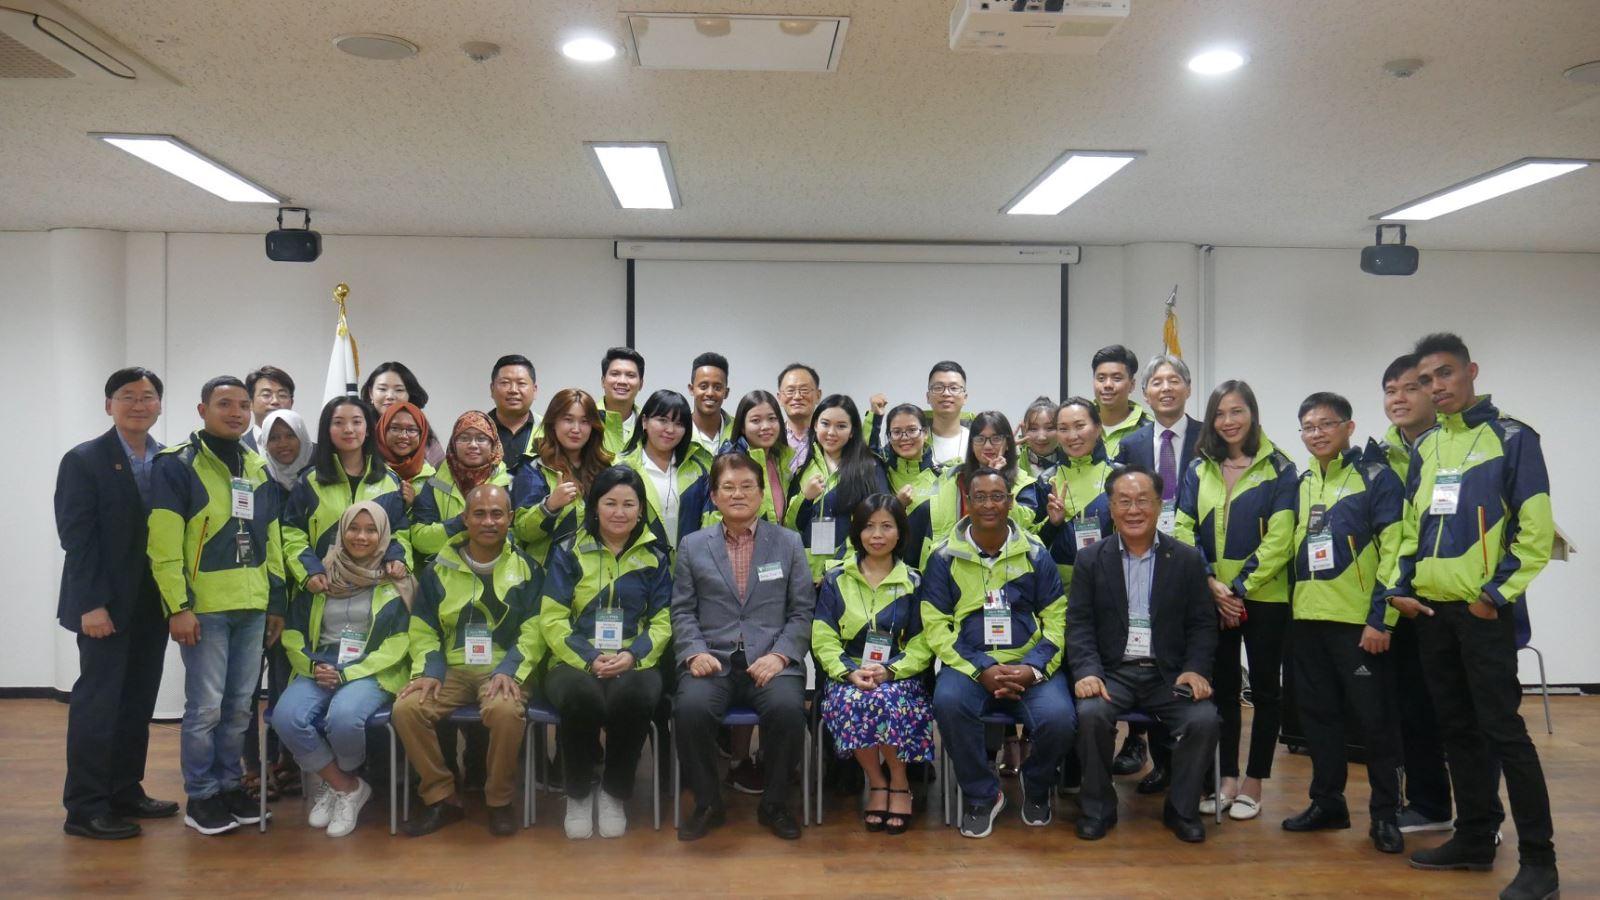 DNTU tham gia Diễn đàn thanh niên khu vực Châu Á Thái Bình Dương (PYEX) năm 2019 do Hiệp hội Châu Á Thái Bình Dương (PAS) tổ chức tại Hàn Quốc